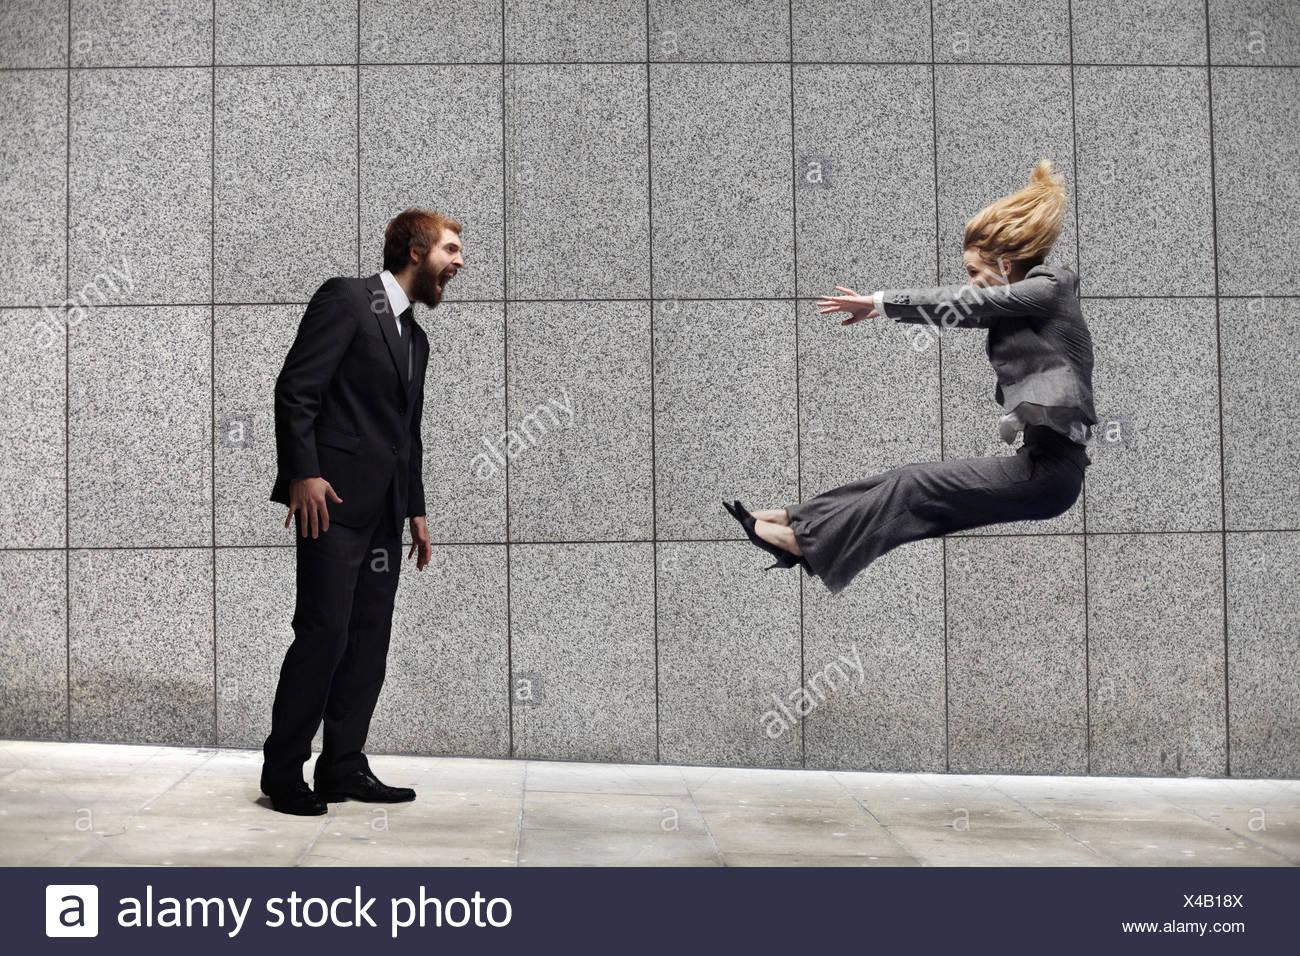 Man shouting at a woman - Stock Image